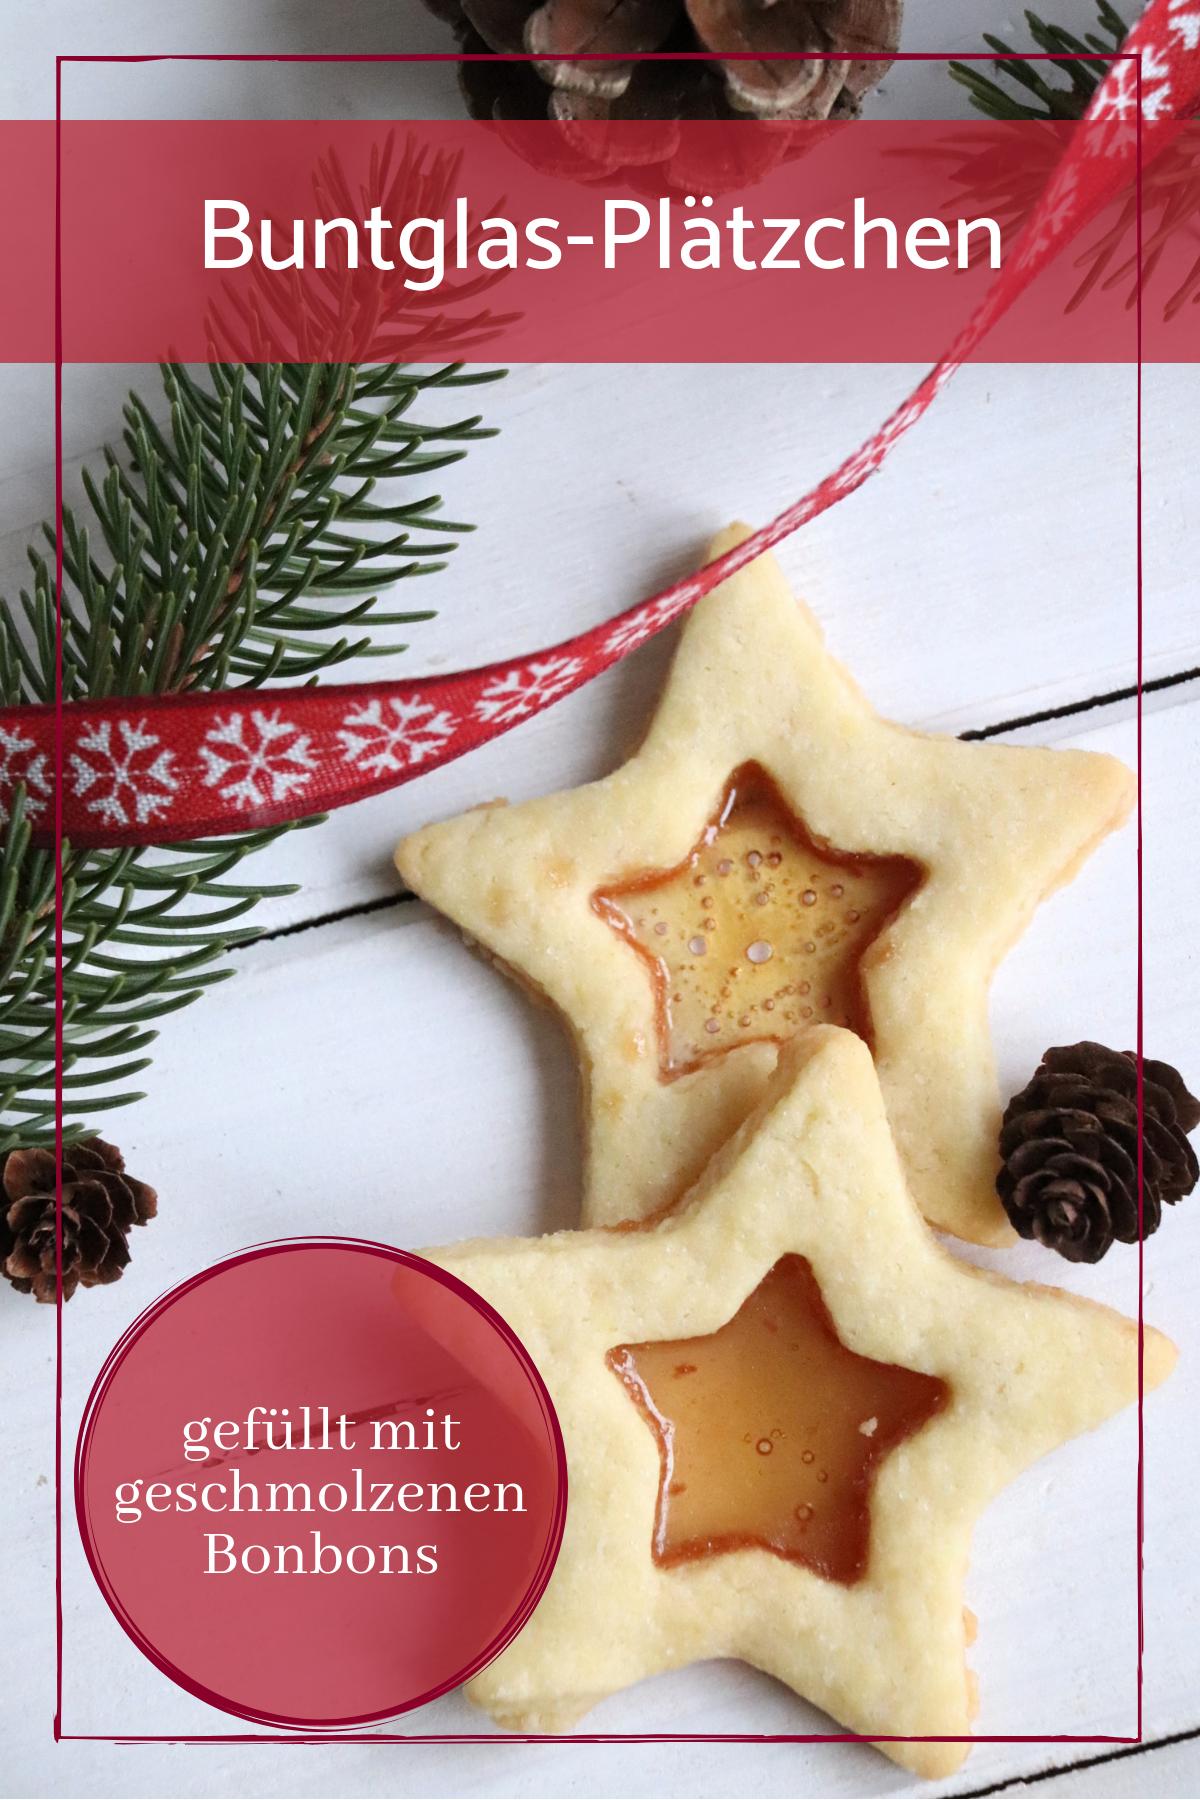 Weihnachtslieder Bäckerei.In Der Weihnachtsbäckerei Buntglas Plätzchen Rezept Und Unsere